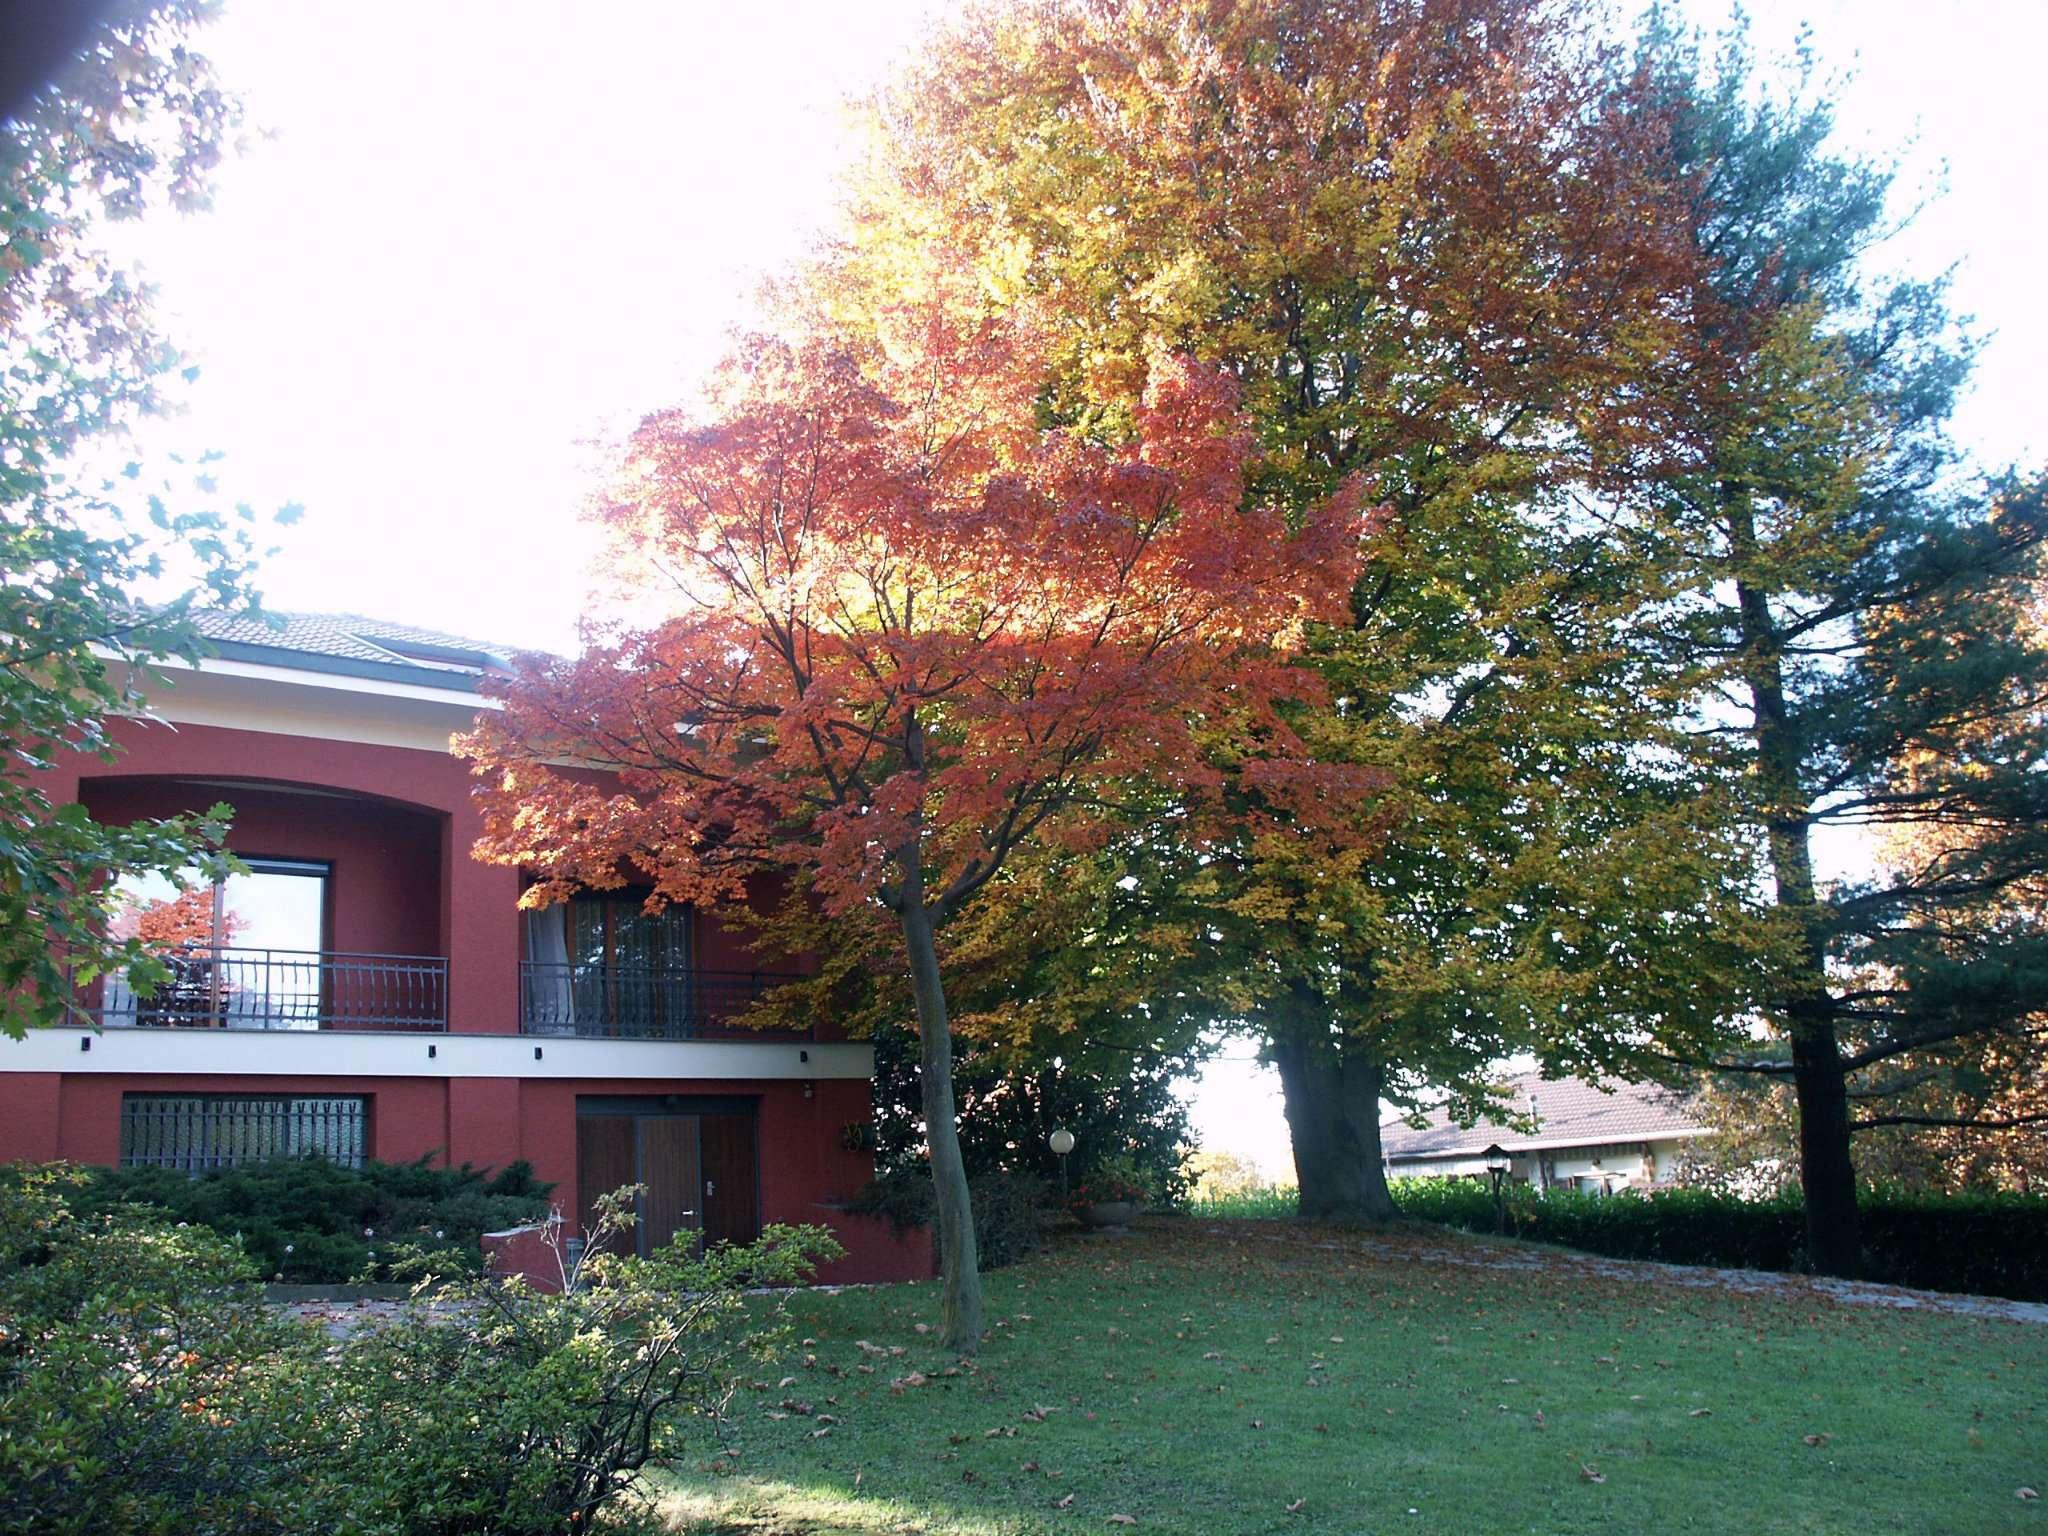 Villa in vendita a Lurago d'Erba, 6 locali, prezzo € 698.000 | Cambio Casa.it